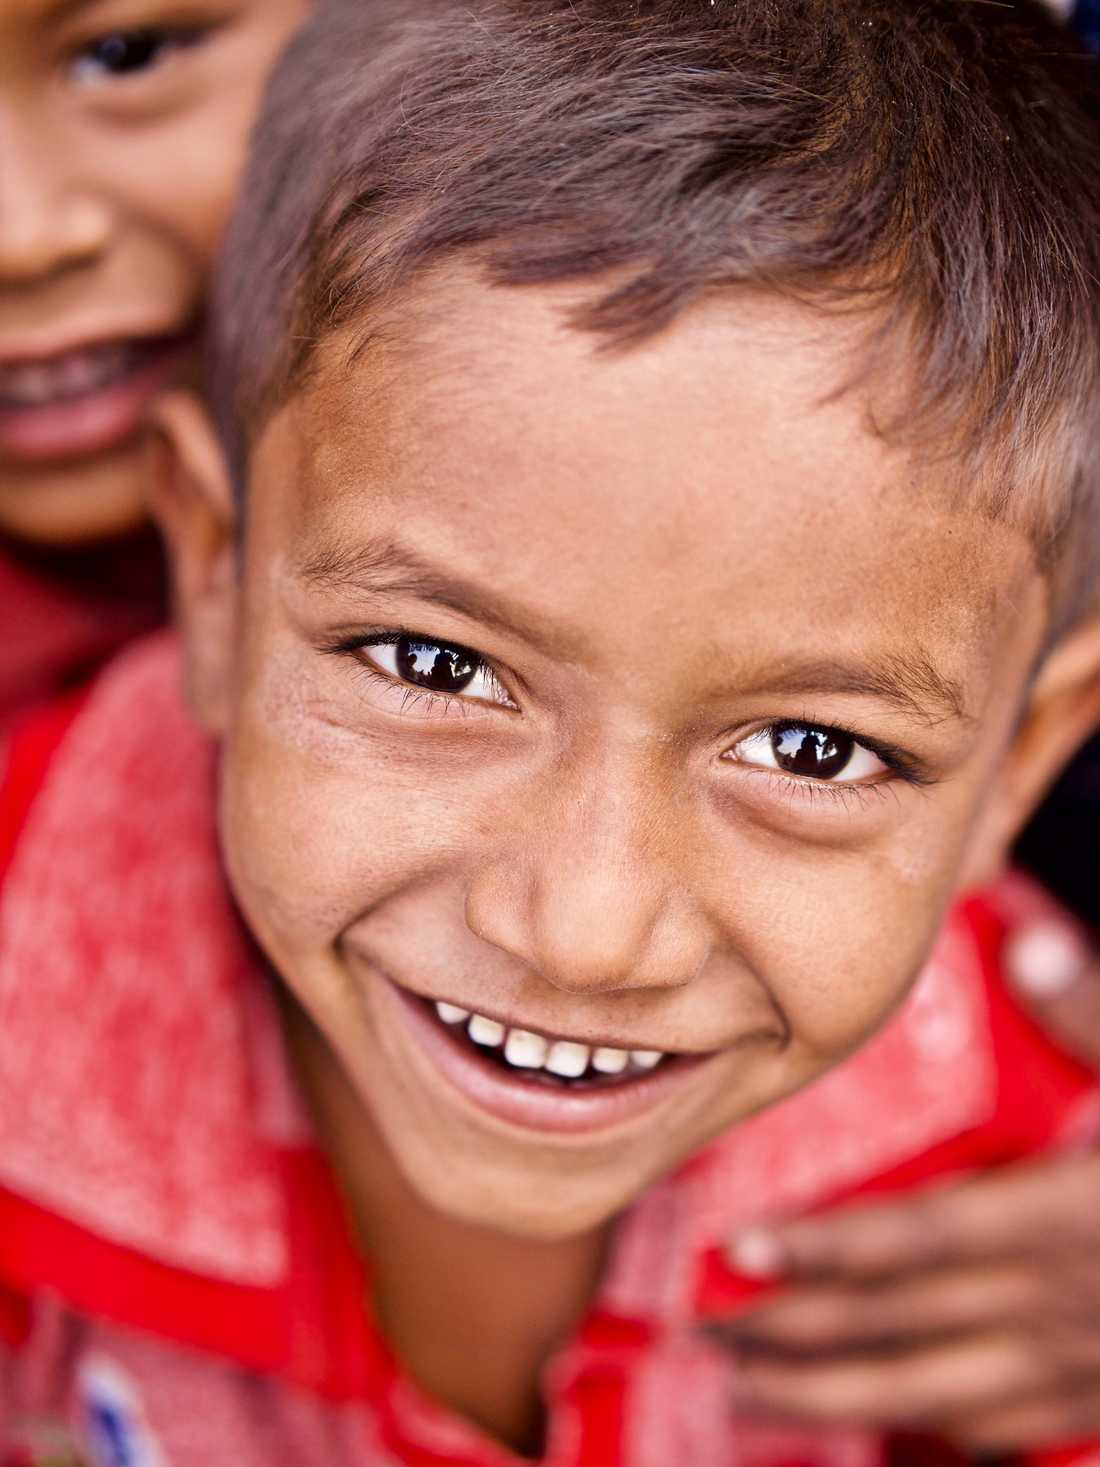 """I projektet """"Children of the world"""" har Wings bland annat donerat 250 000 kronor till olika välgörenhetsinsatser för barn."""